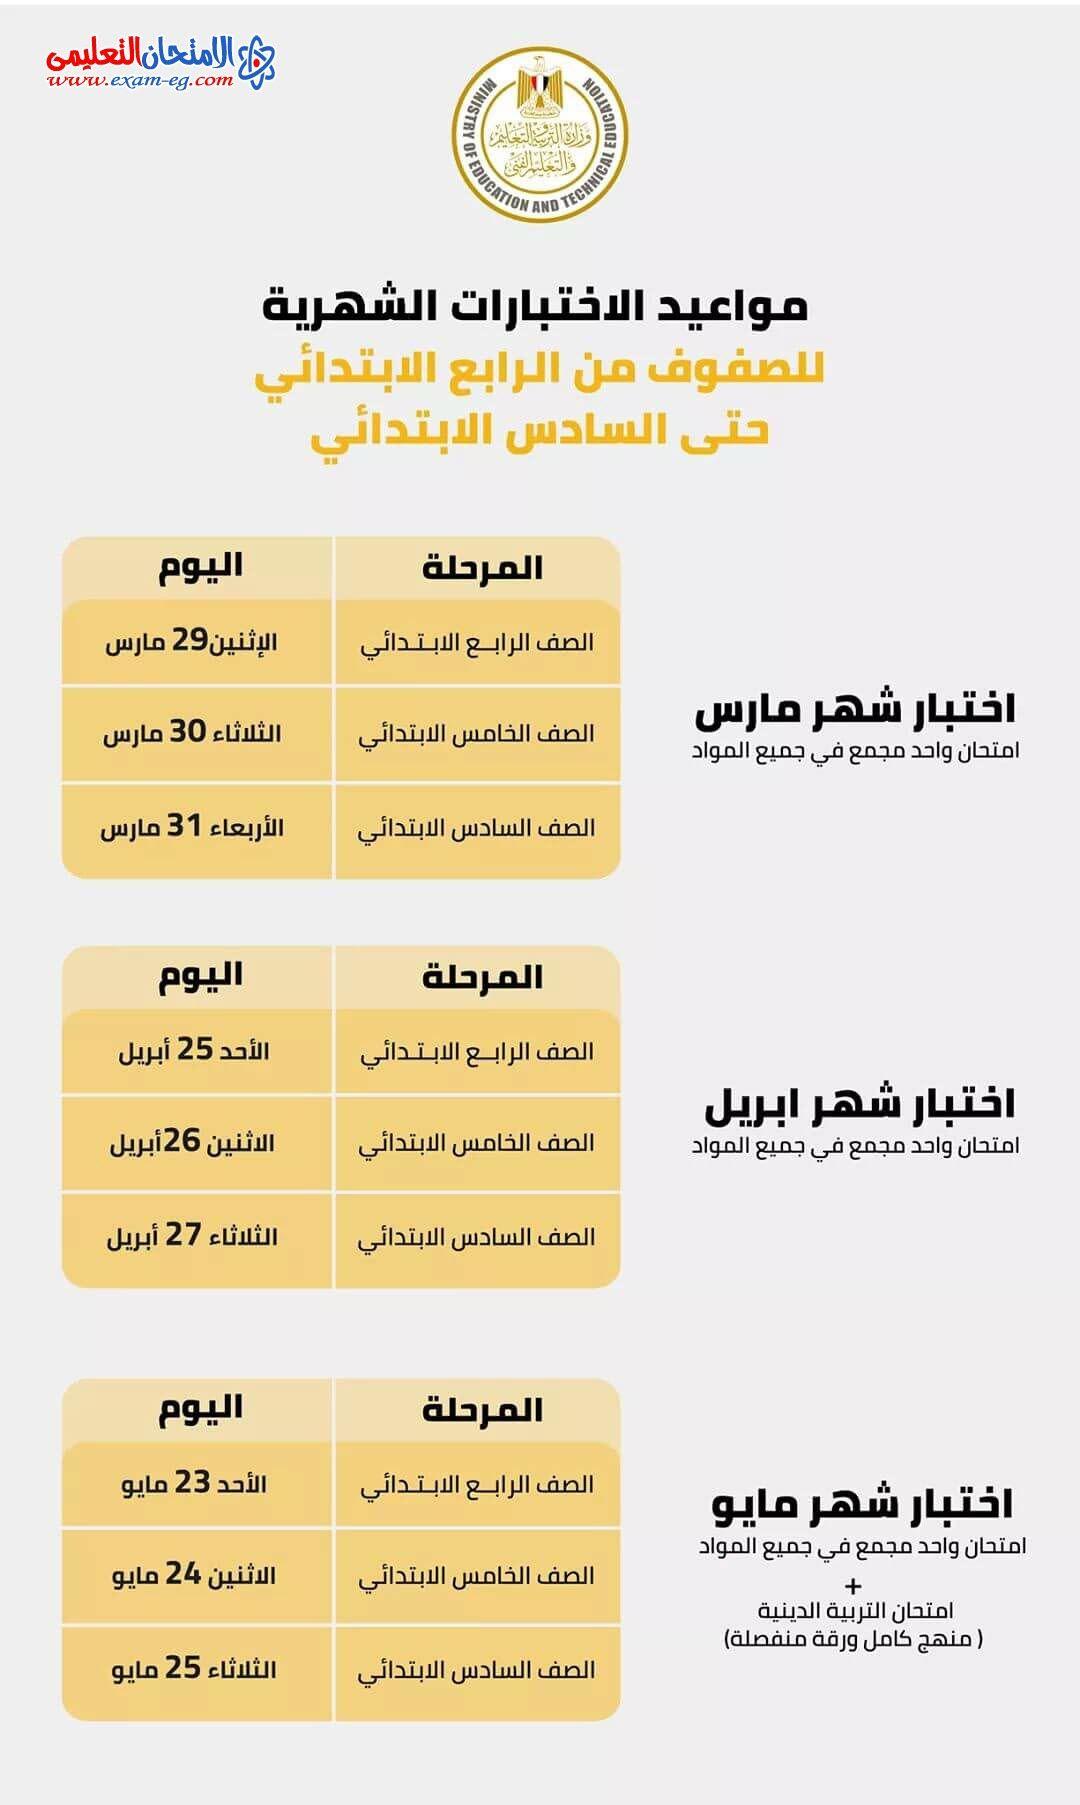 وزارة التربية والتعليم تعلن مواعيد امتحانات الشهور مارس وأبريل ومايو للمرحلتين الابتدائية والإعدادية In 2021 Exam Egl